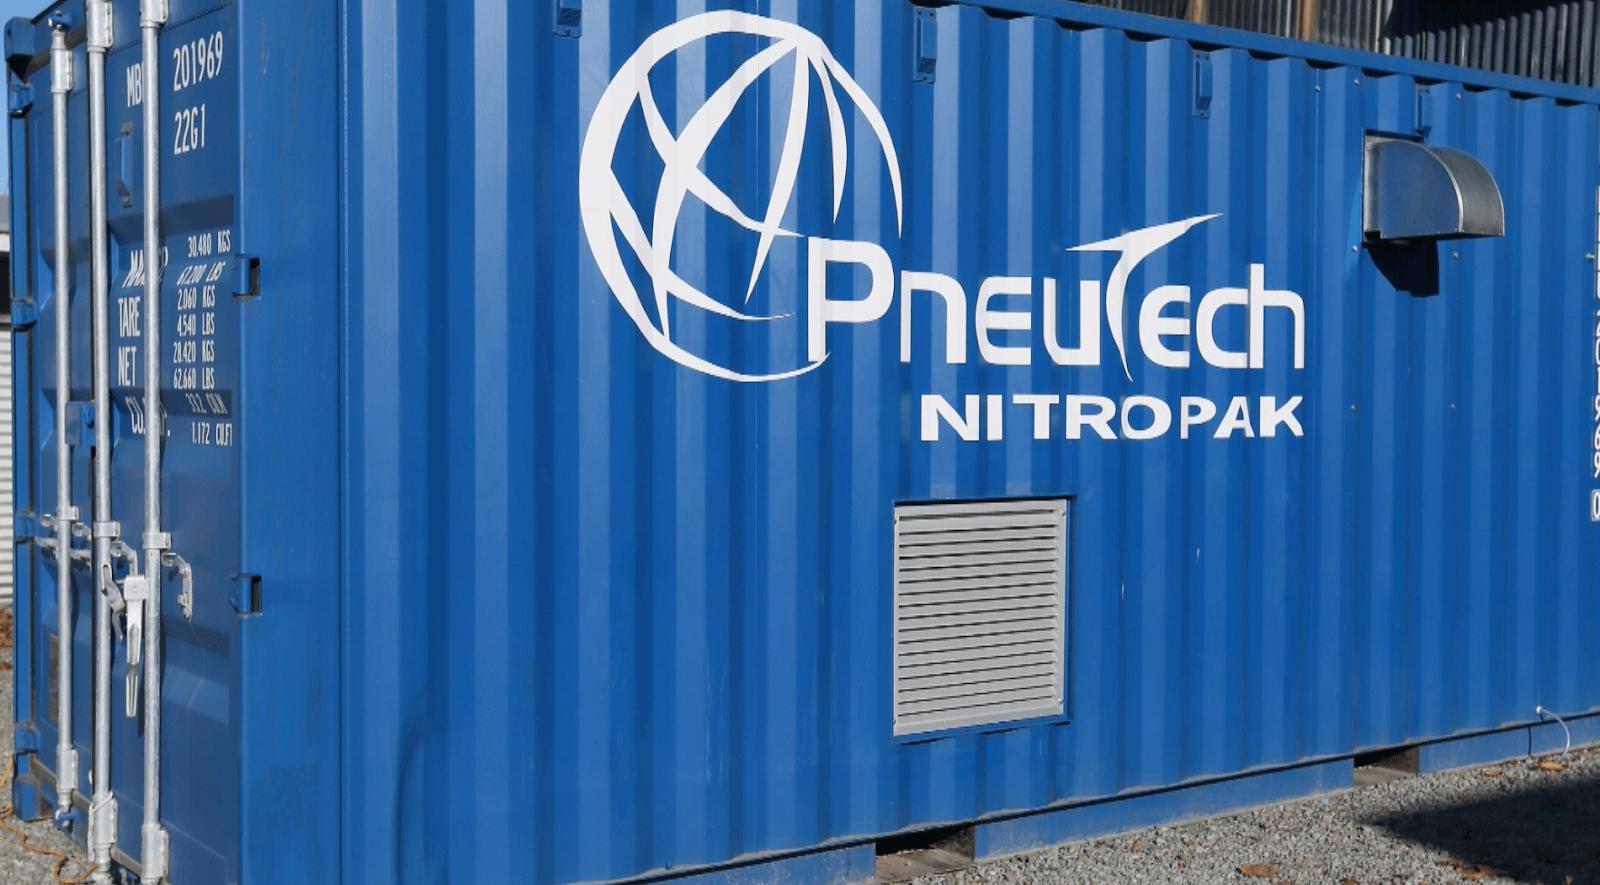 Containerised nitrogen generator - image 1